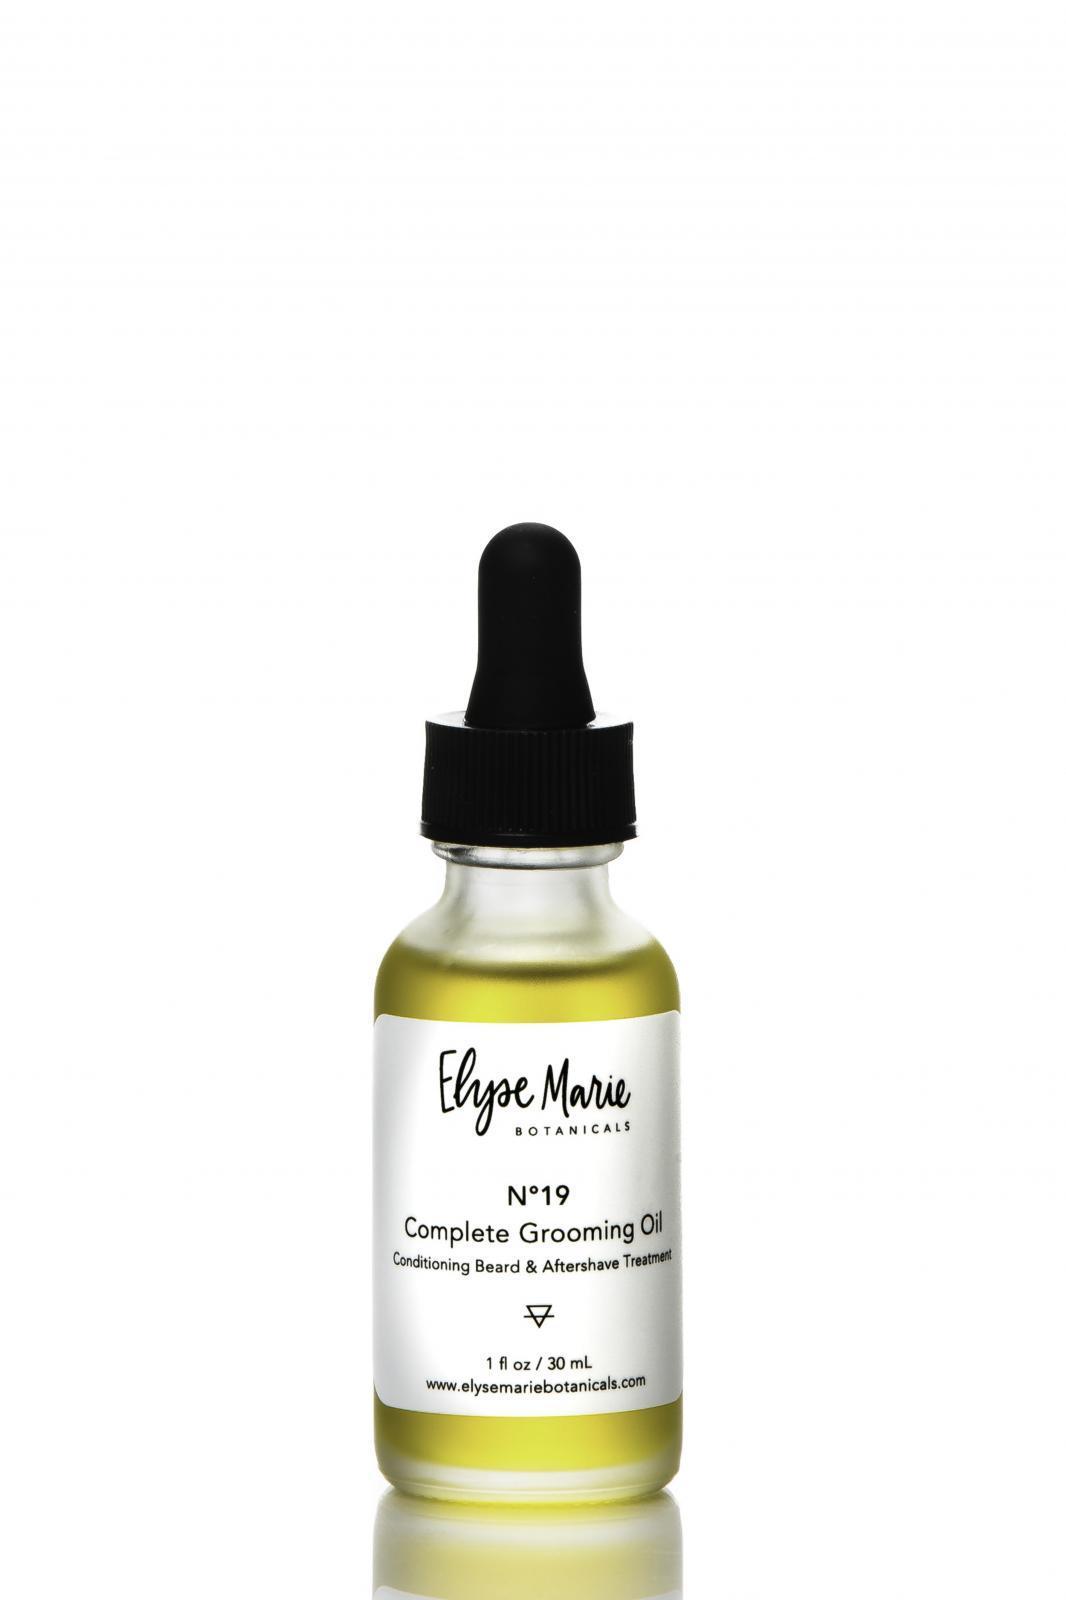 N°19 Complete Grooming Oil